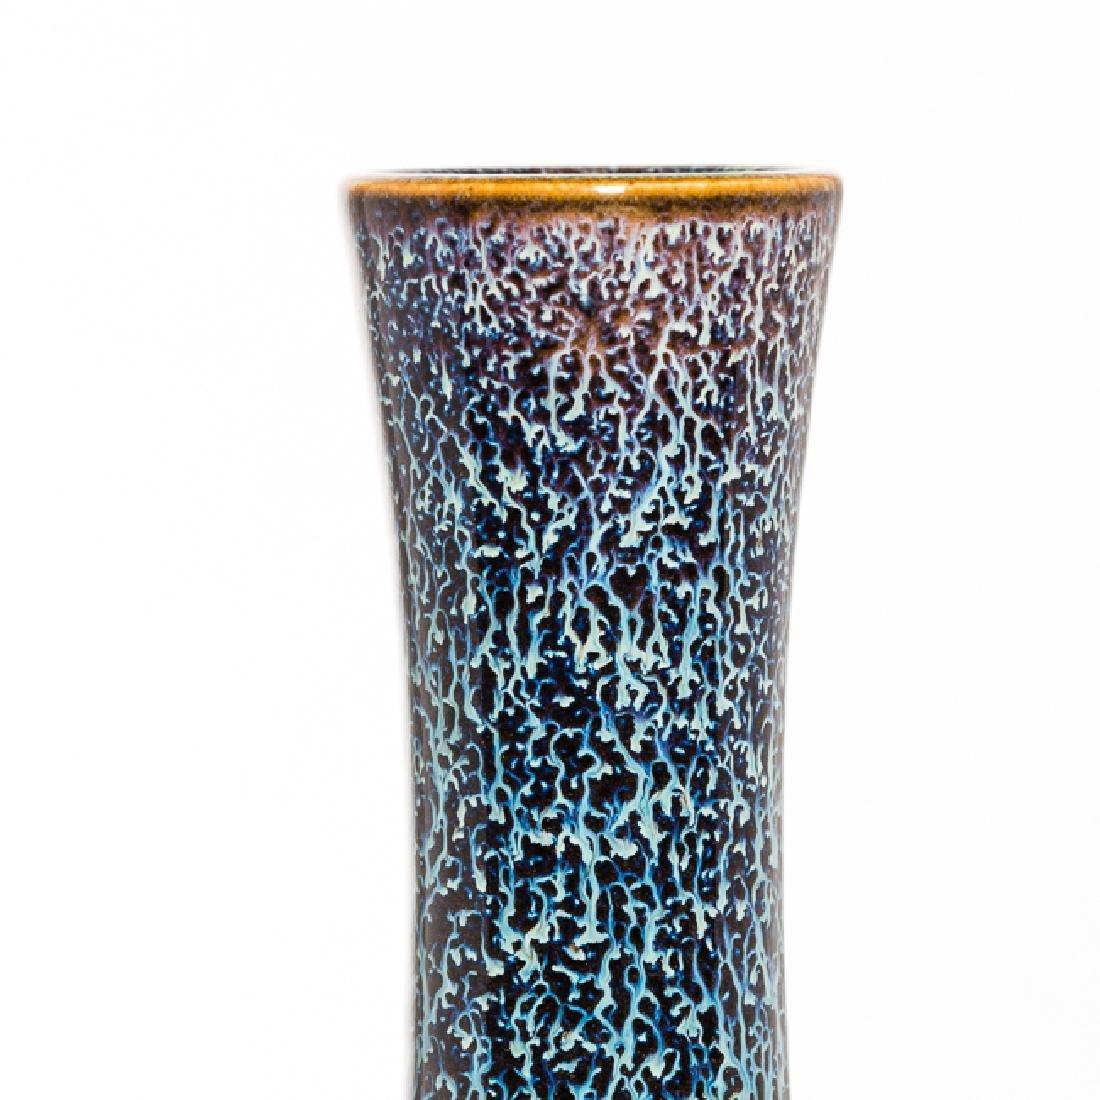 Chinese Antique Flambe-Glazed Porcelain Vase - 5